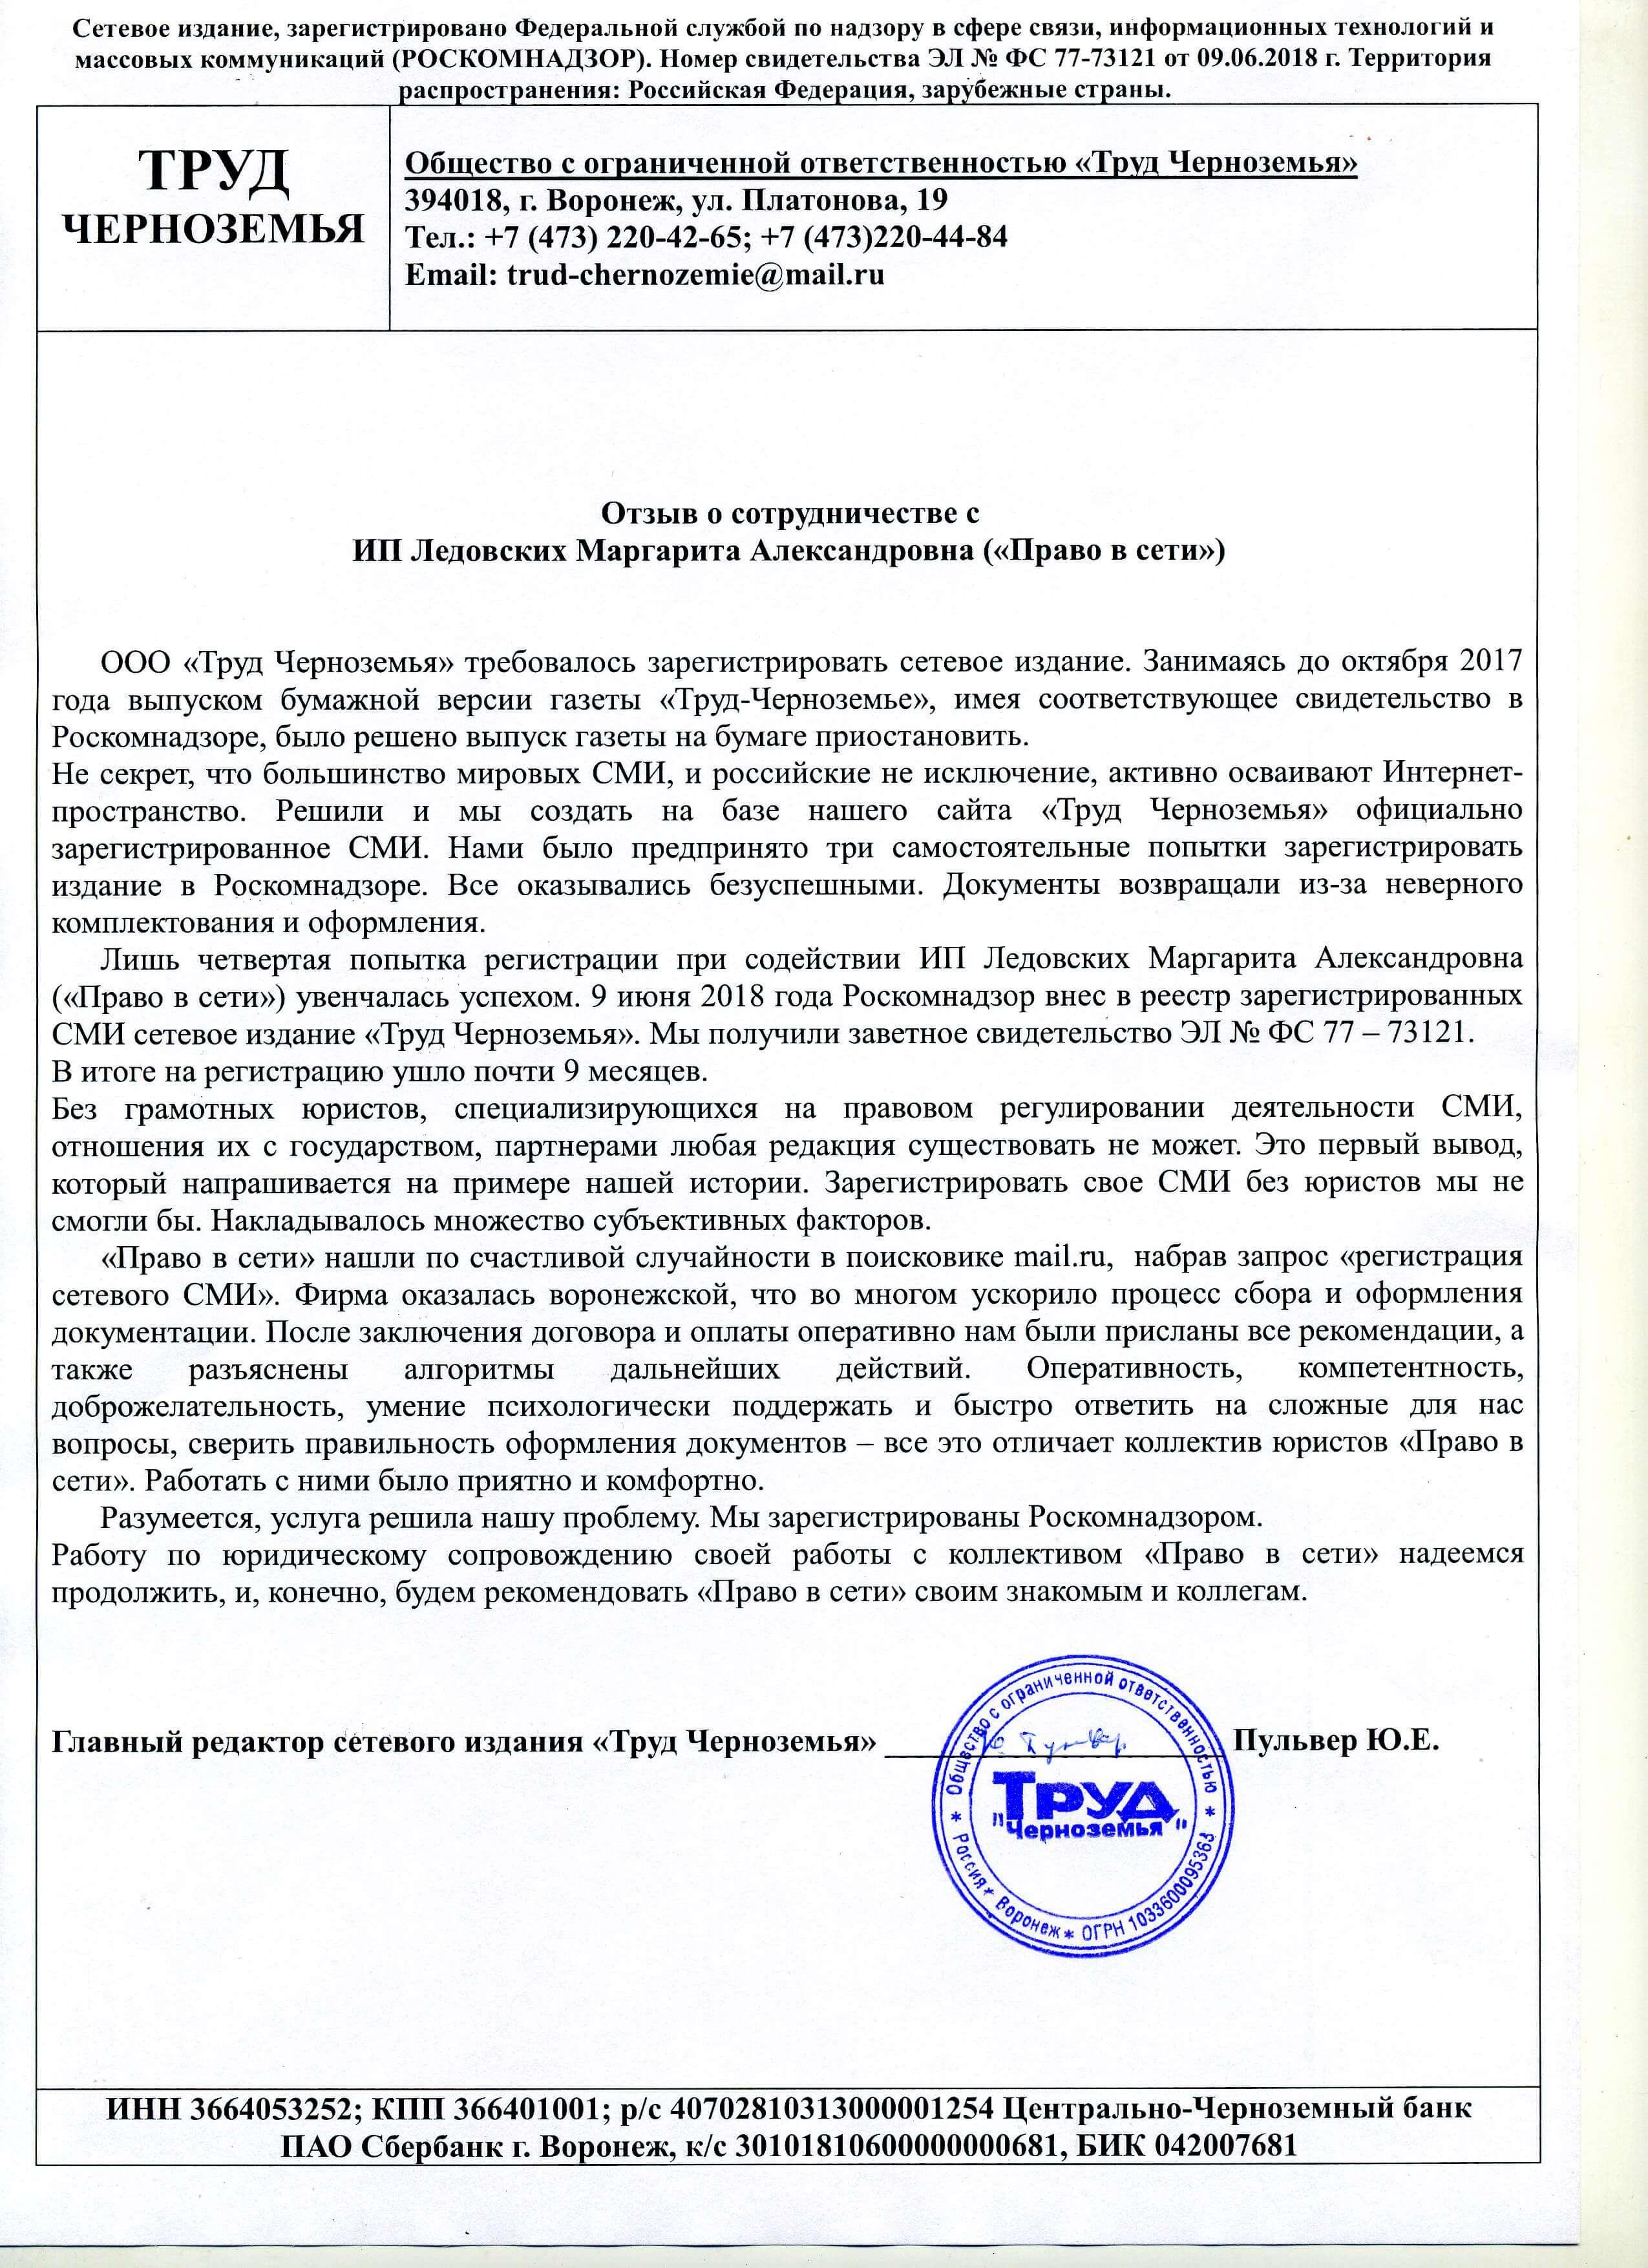 отзыв о Регистрации СМИ Труд Черноземья